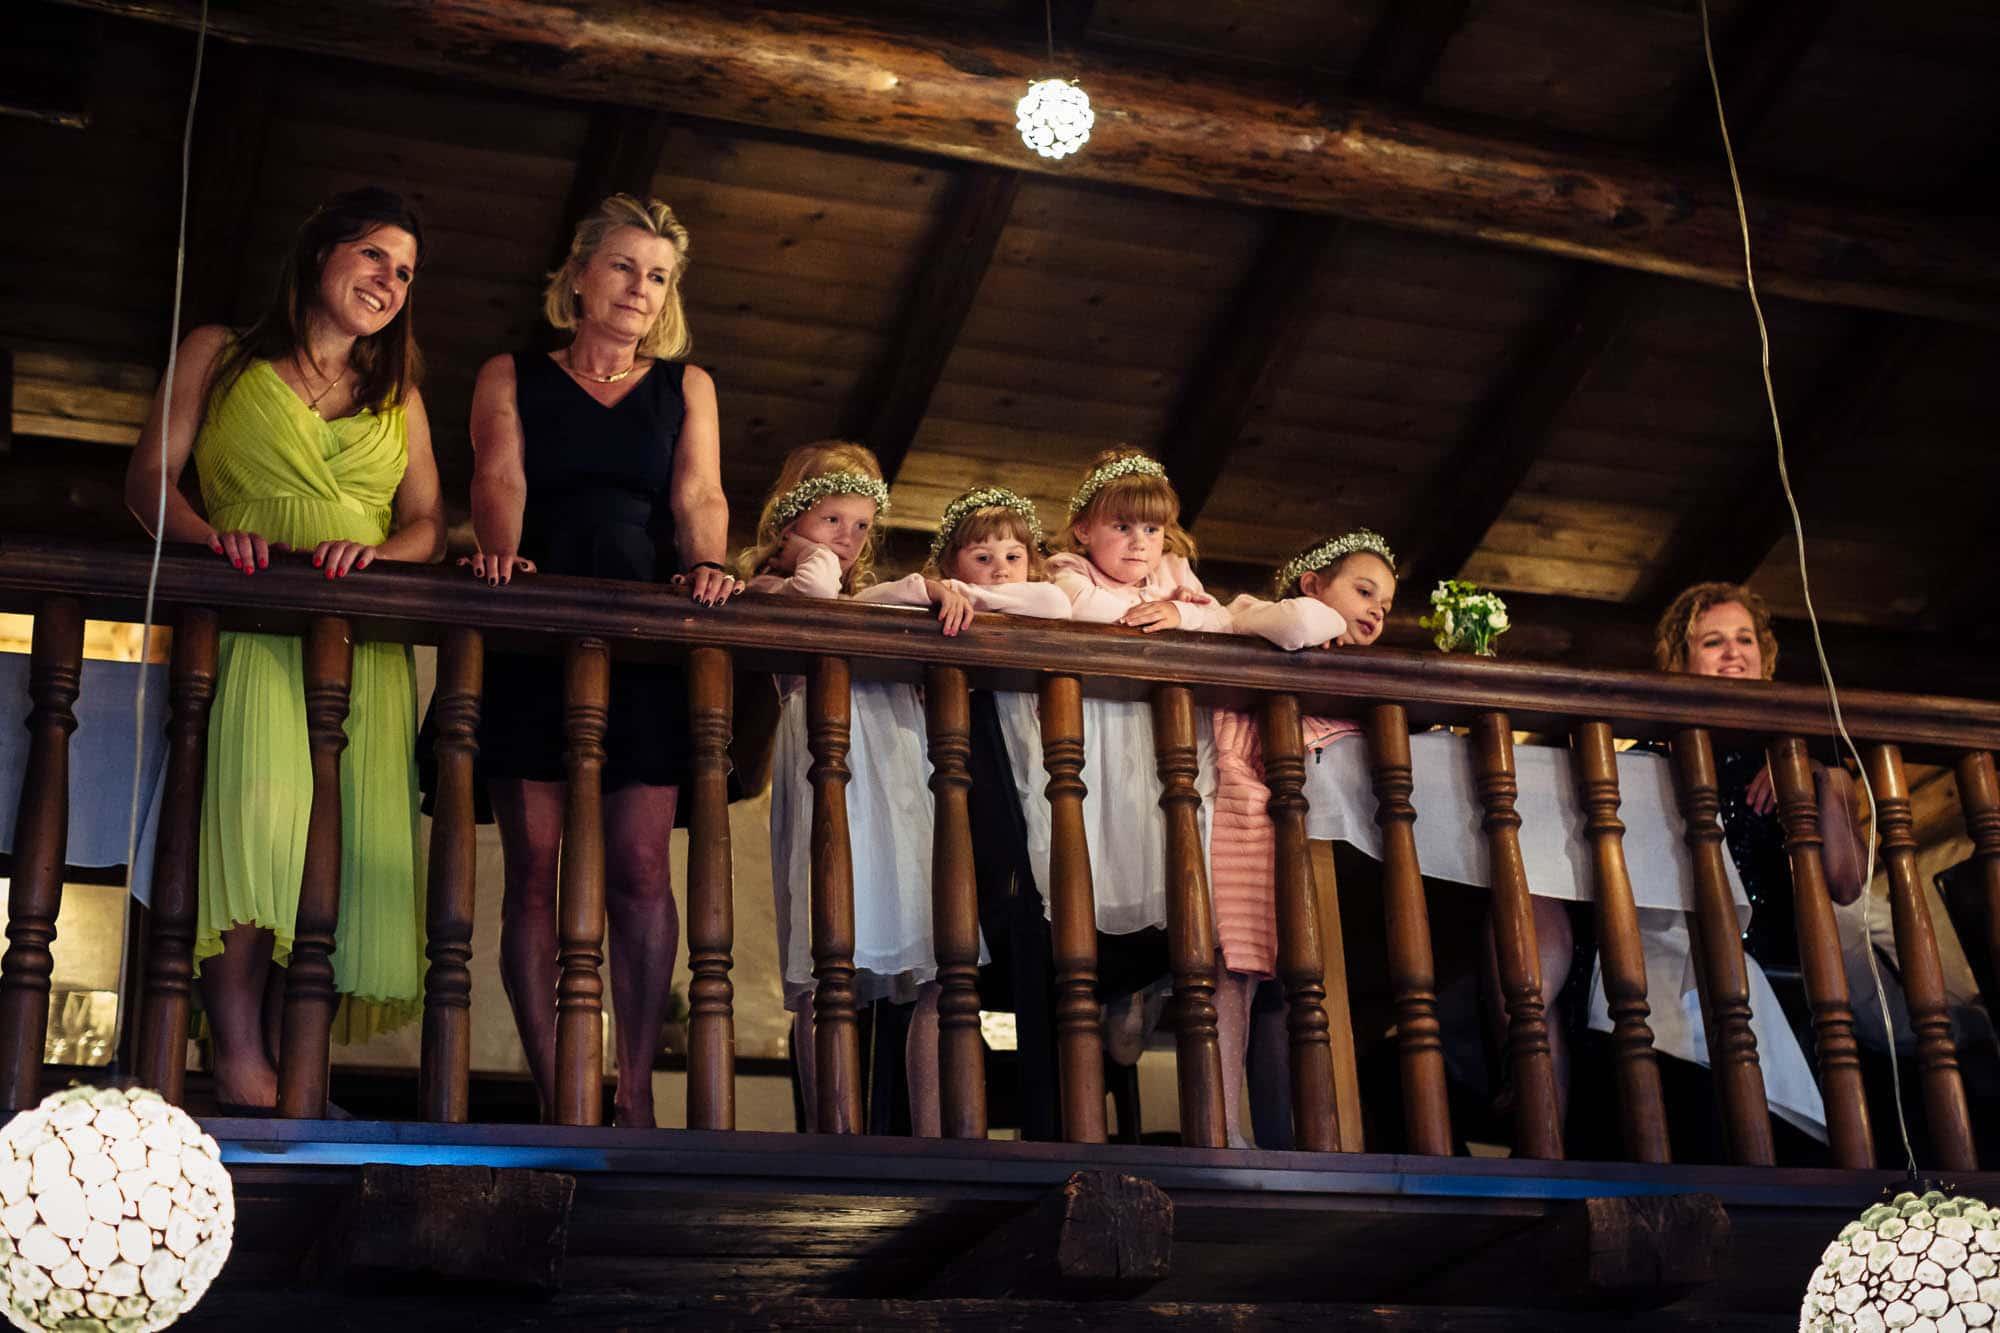 Kinder schauen vom Balkon aus zu